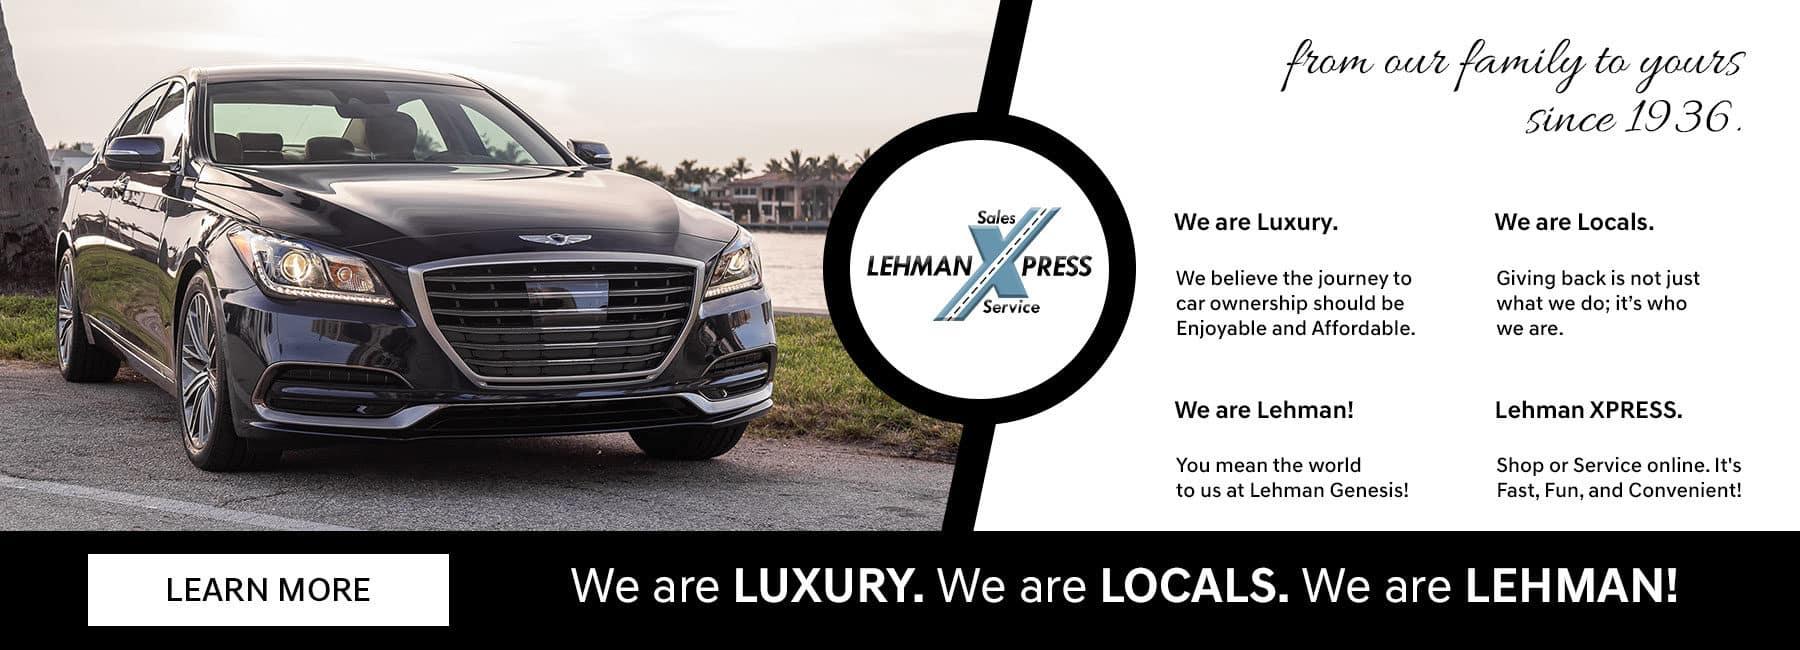 lehman-genesis-homepage-slide-brand-1800×650